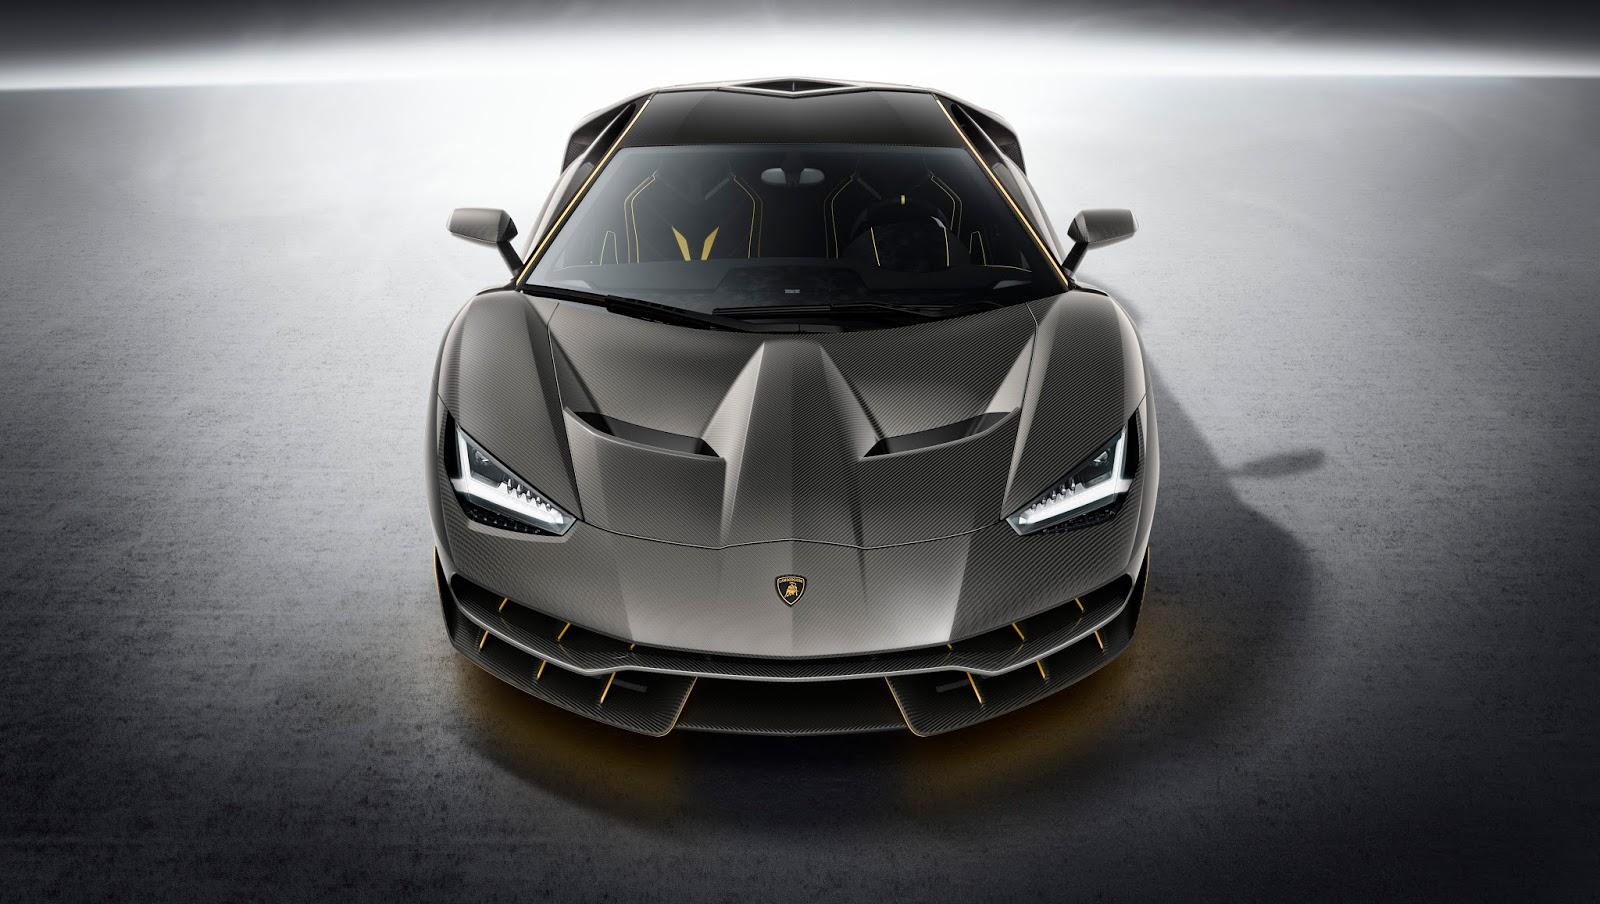 423362 Η Lamborghini Centenario είναι αφιερωμένη στον ιδρυτή της autoshow, Lamborghini, Lamborghini Centenario, supercars, videos, Σαλόνι Αυτοκινήτου της Γενεύης